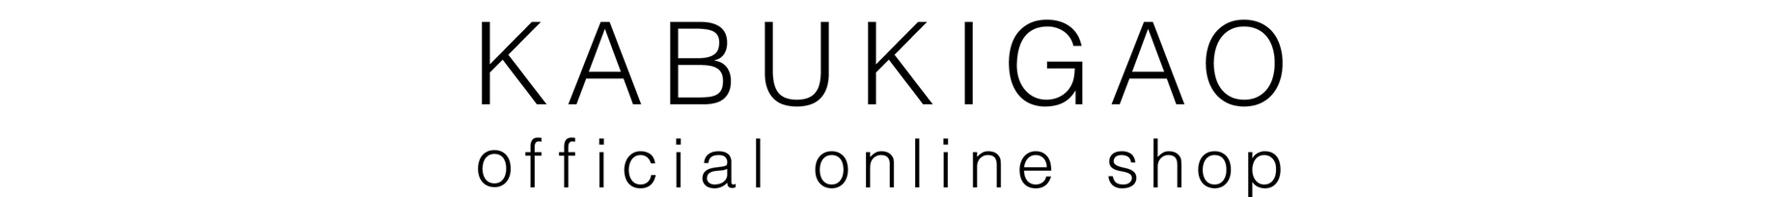 KABUKIGAO online shop